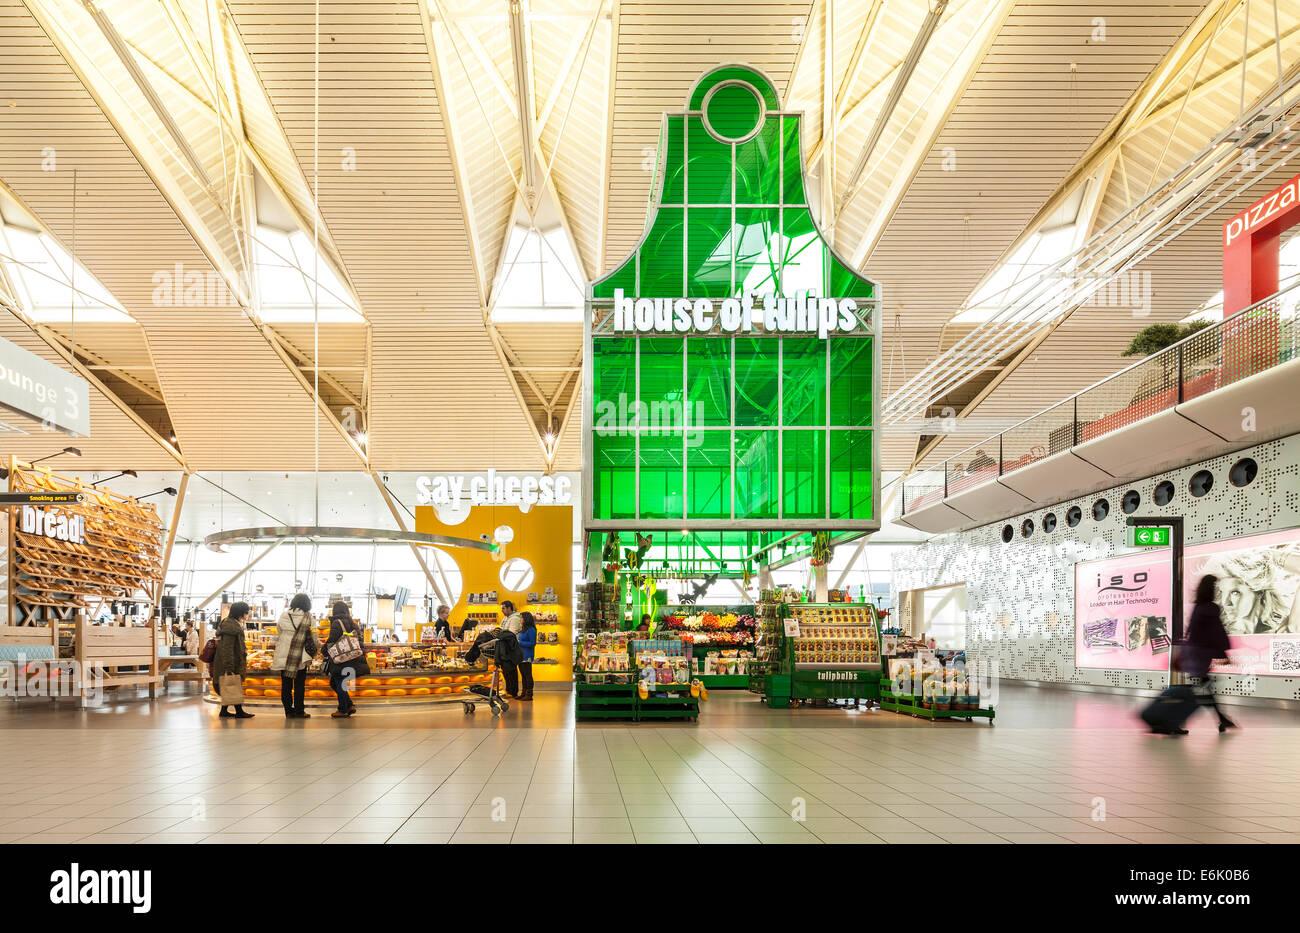 Salida del aeropuerto Schiphol de Amsterdam 3 salón con tulipanes queso tienda de souvenirs souvenirs tiendas Imagen De Stock